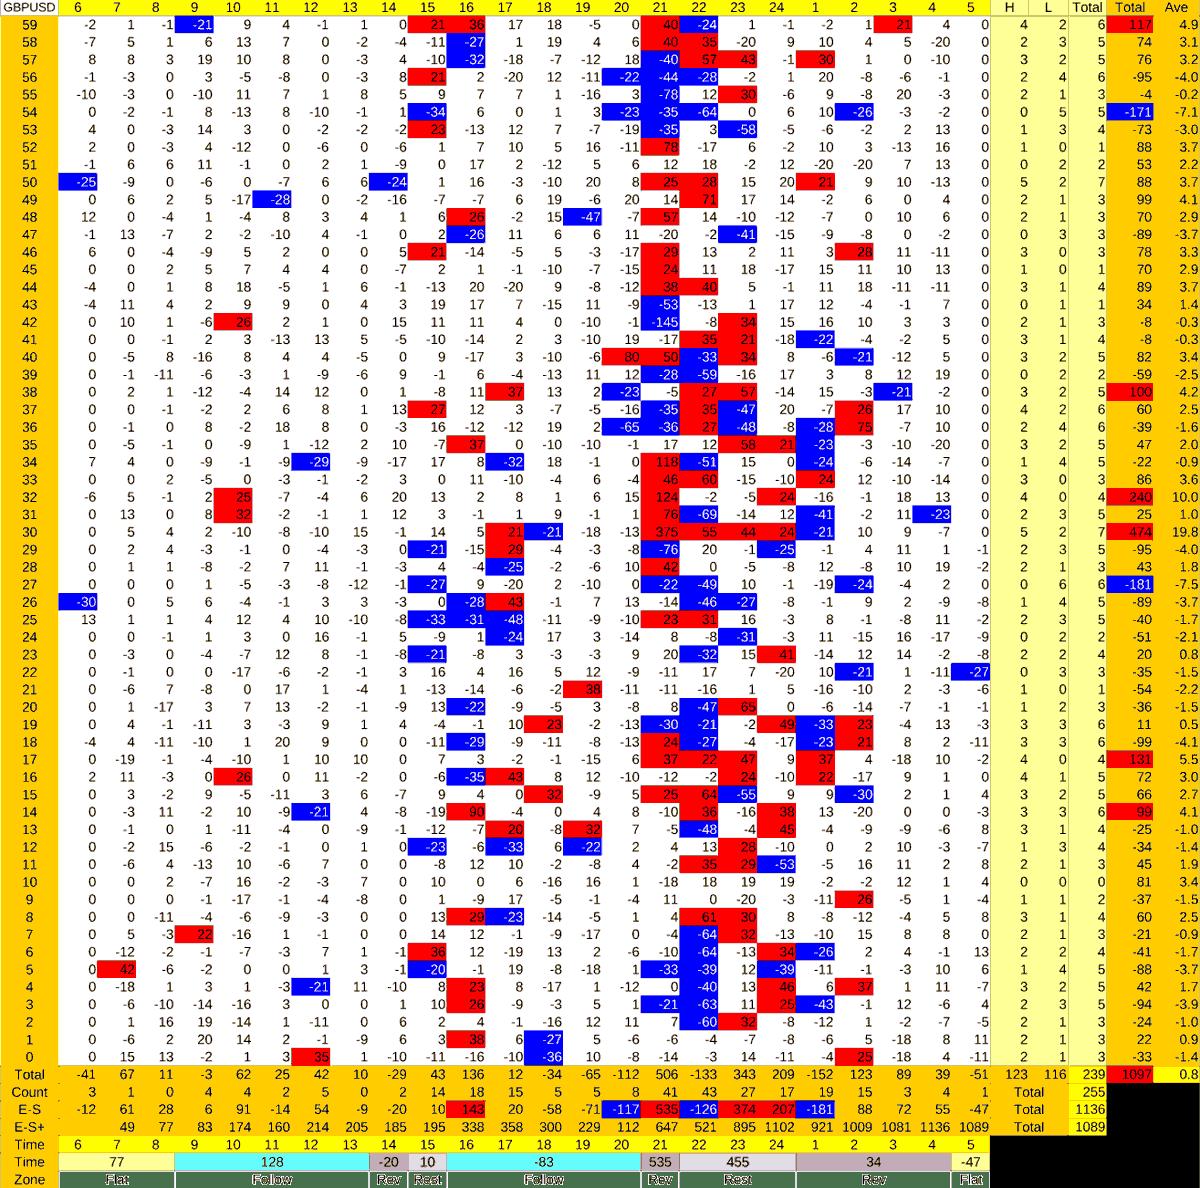 20210507_HS(2)GBPUSD